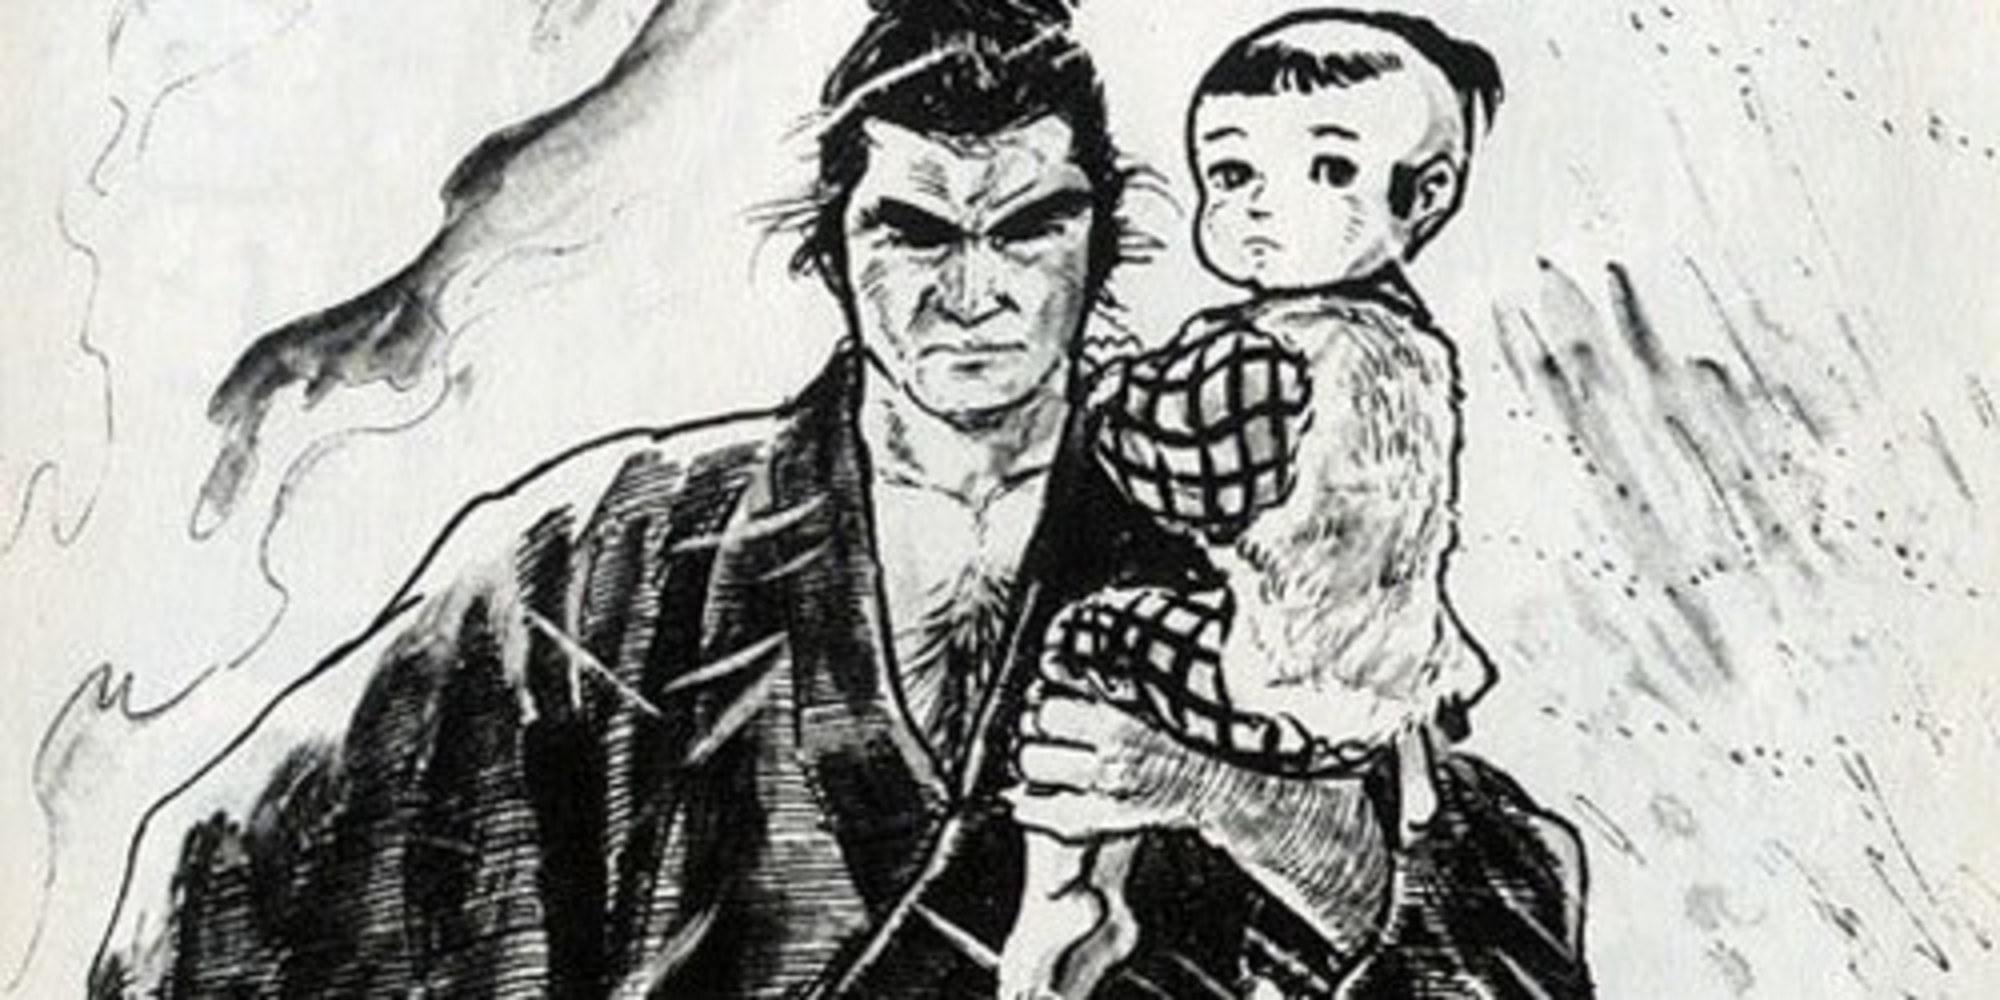 Morreu Kazuo Koike, autor do clássico manga